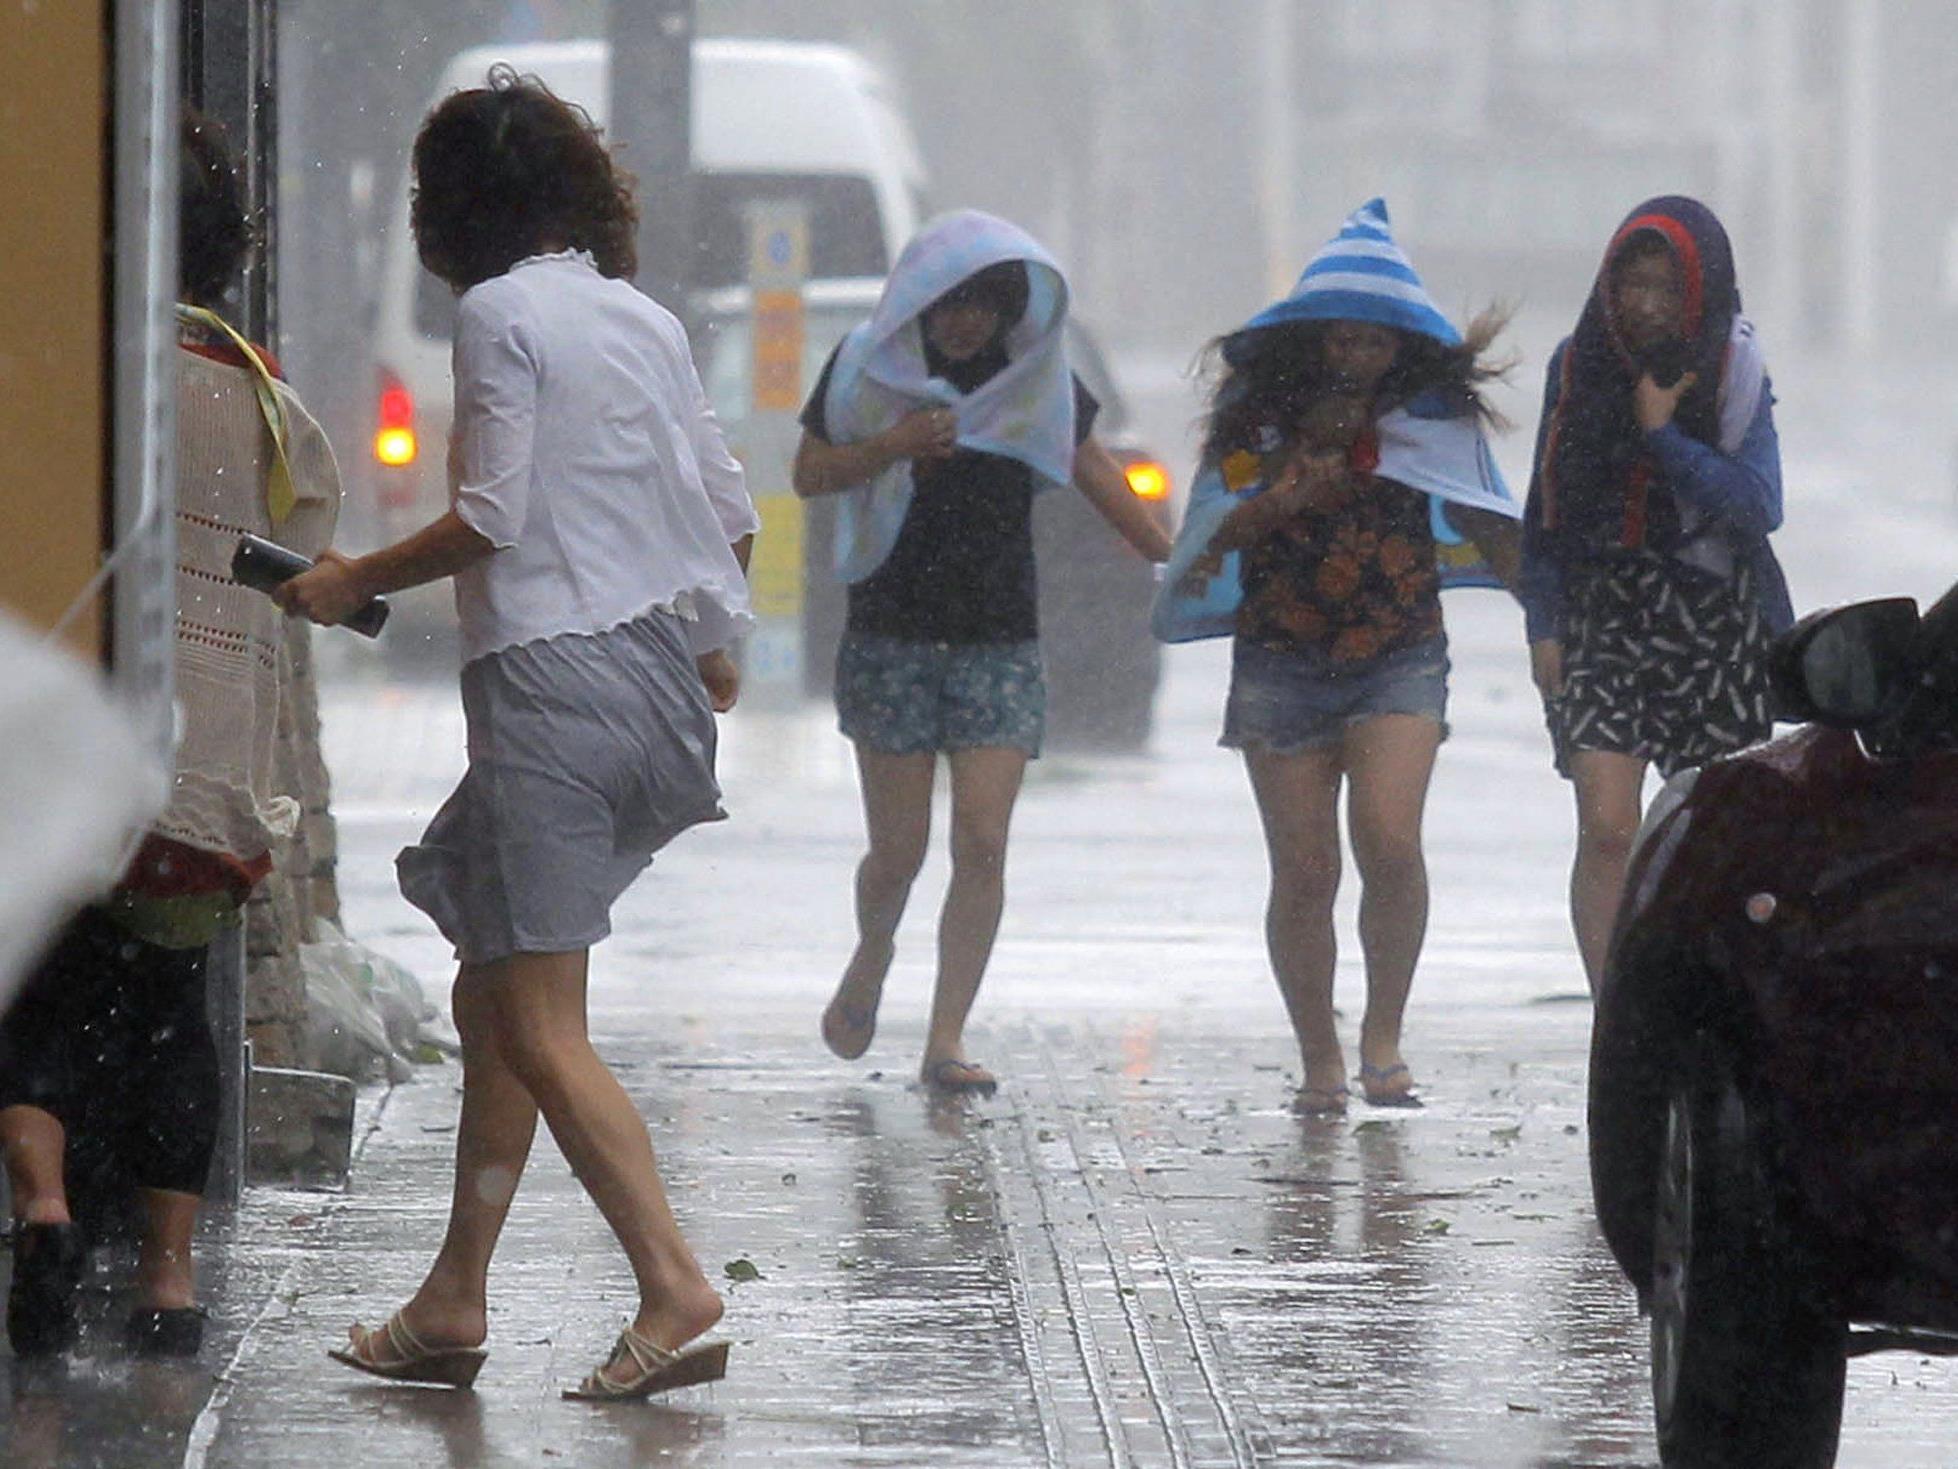 Für die südwestliche Insel Okinawa gilt weiter die höchste Alarmstufe.